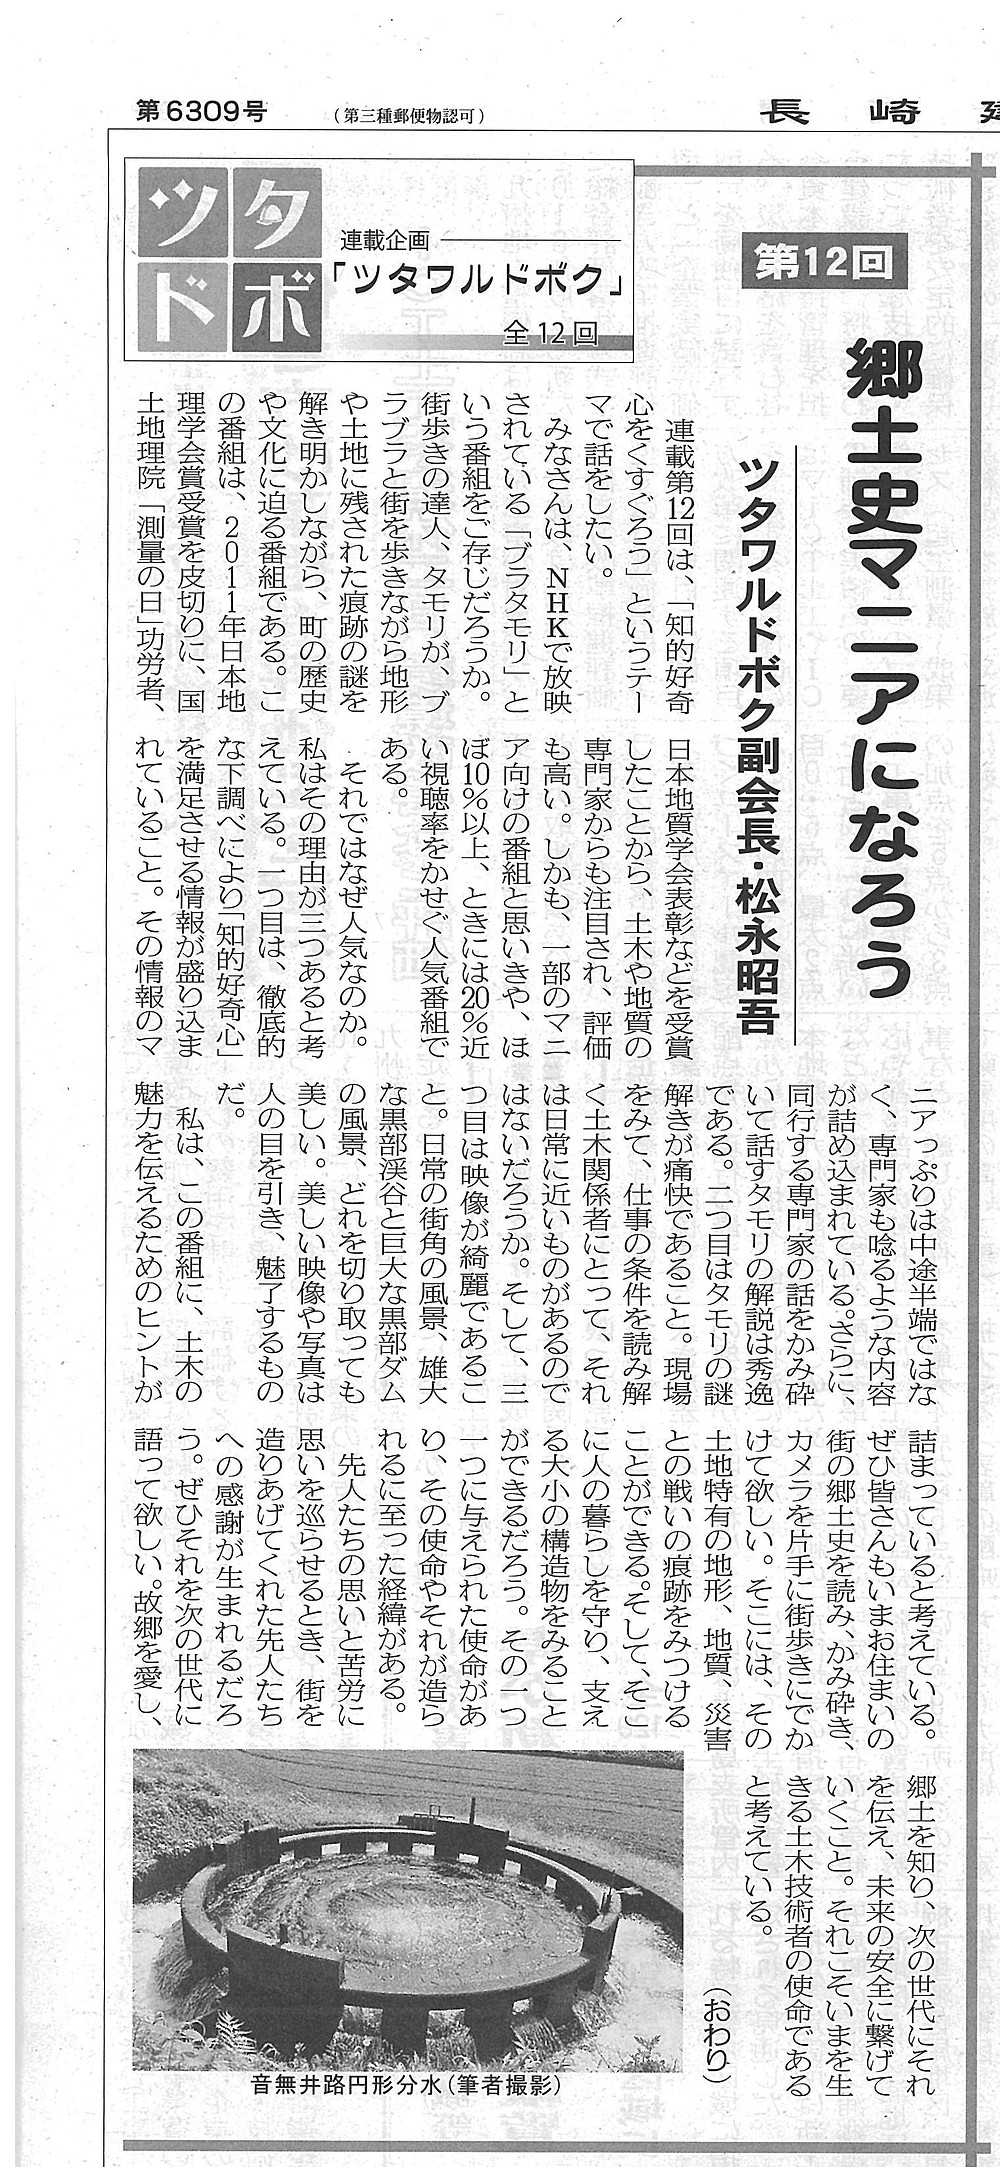 ツタワルドボク連載記事。松永昭吾